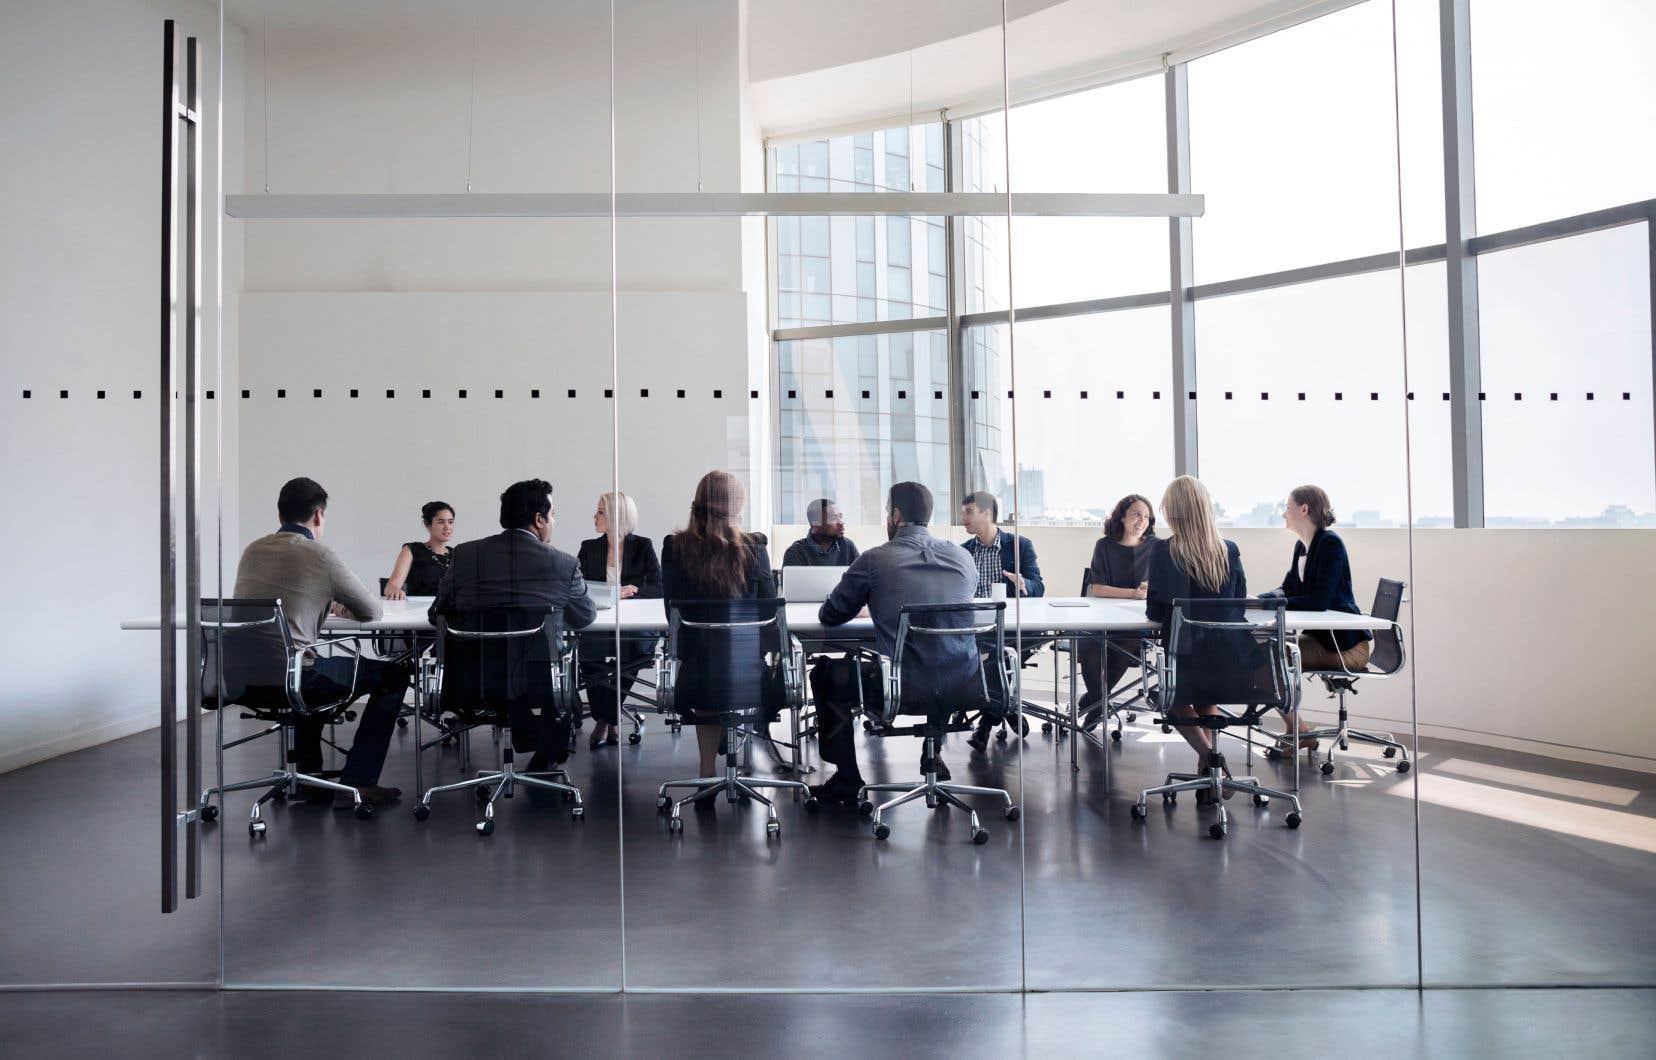 Sur le plan de la rémunération globale, la situation des employés de l'Administration québécoise s'est améliorée par rapport à 2017, l'écart passant de 8,6% à 6,6%.